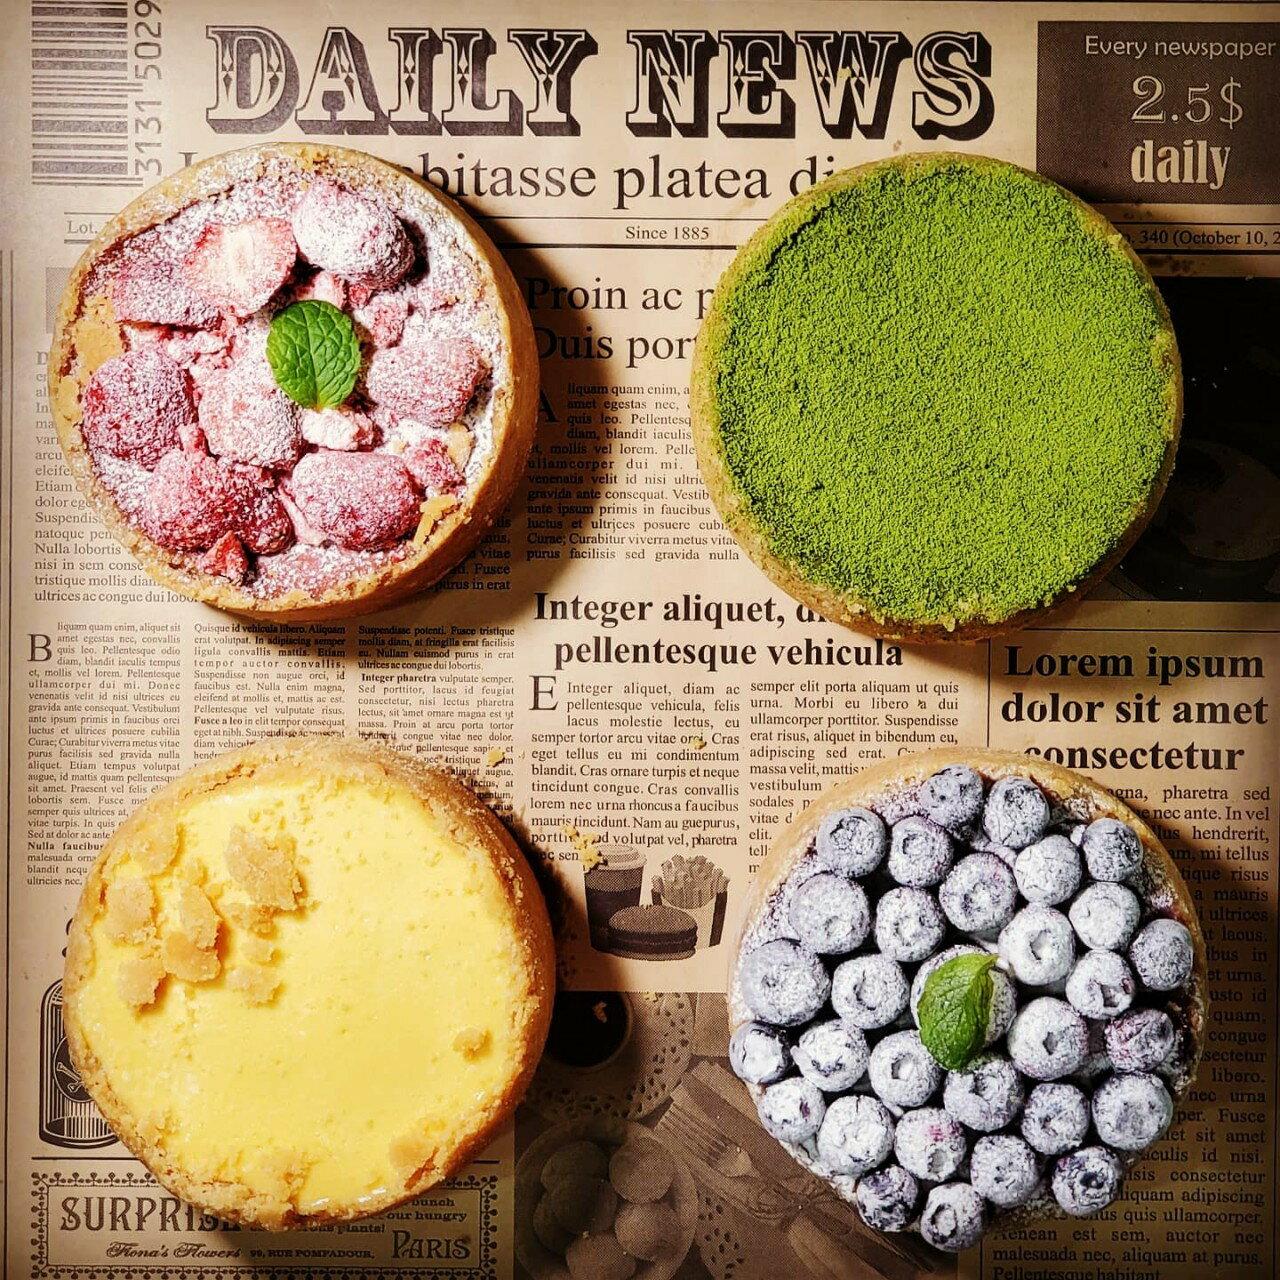 🥳[糕中生👨🎓聯誼中]🥳 4吋新上市🧀原味、🍵抹茶、🍓草莓、藍莓重乳酪 🎂芝士蛋糕 甜點 下午茶 點心 蛋糕